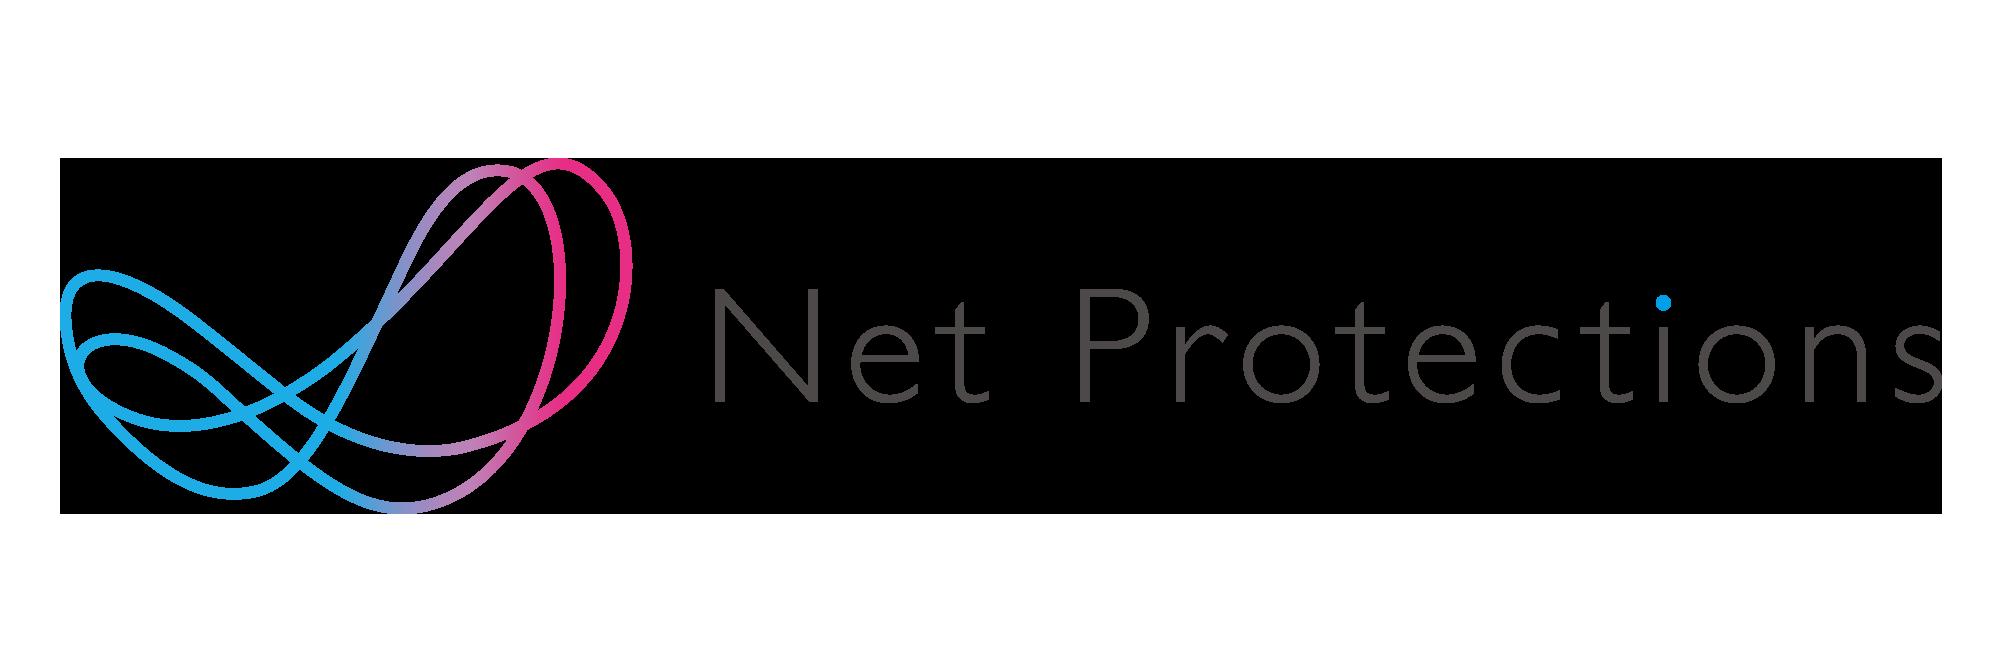 「ネットプロダクションズ」の画像検索結果